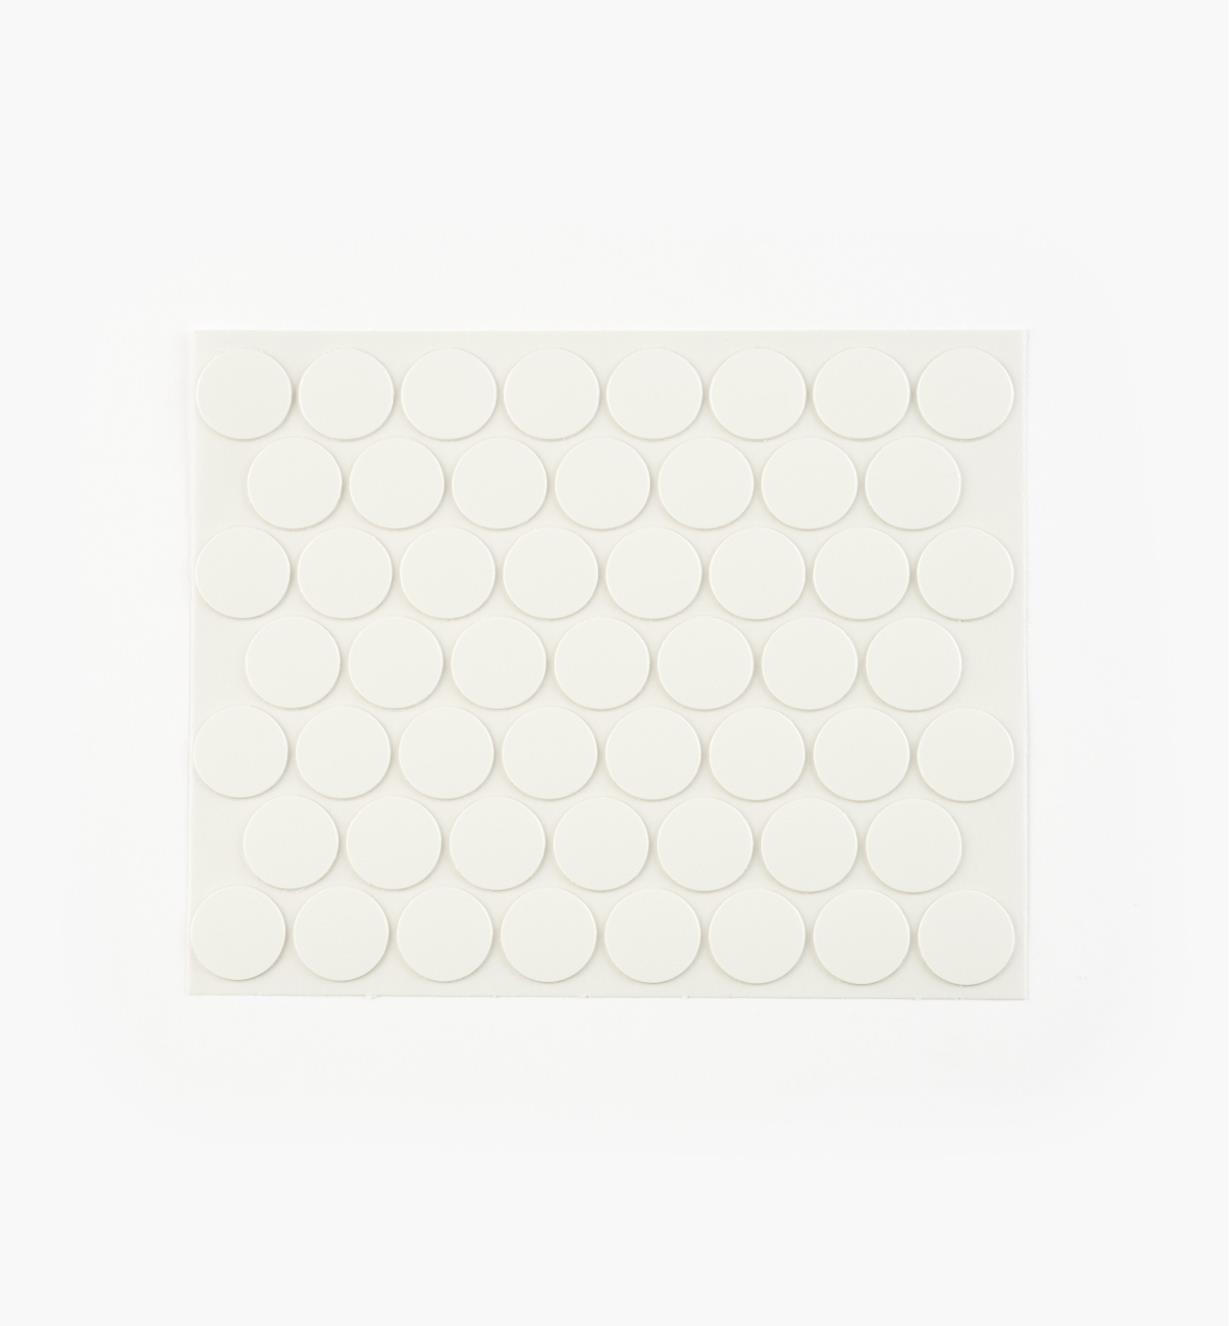 00S5309 - Cache-vis en PVC, blanc, 9/16 po, le paquet de 52